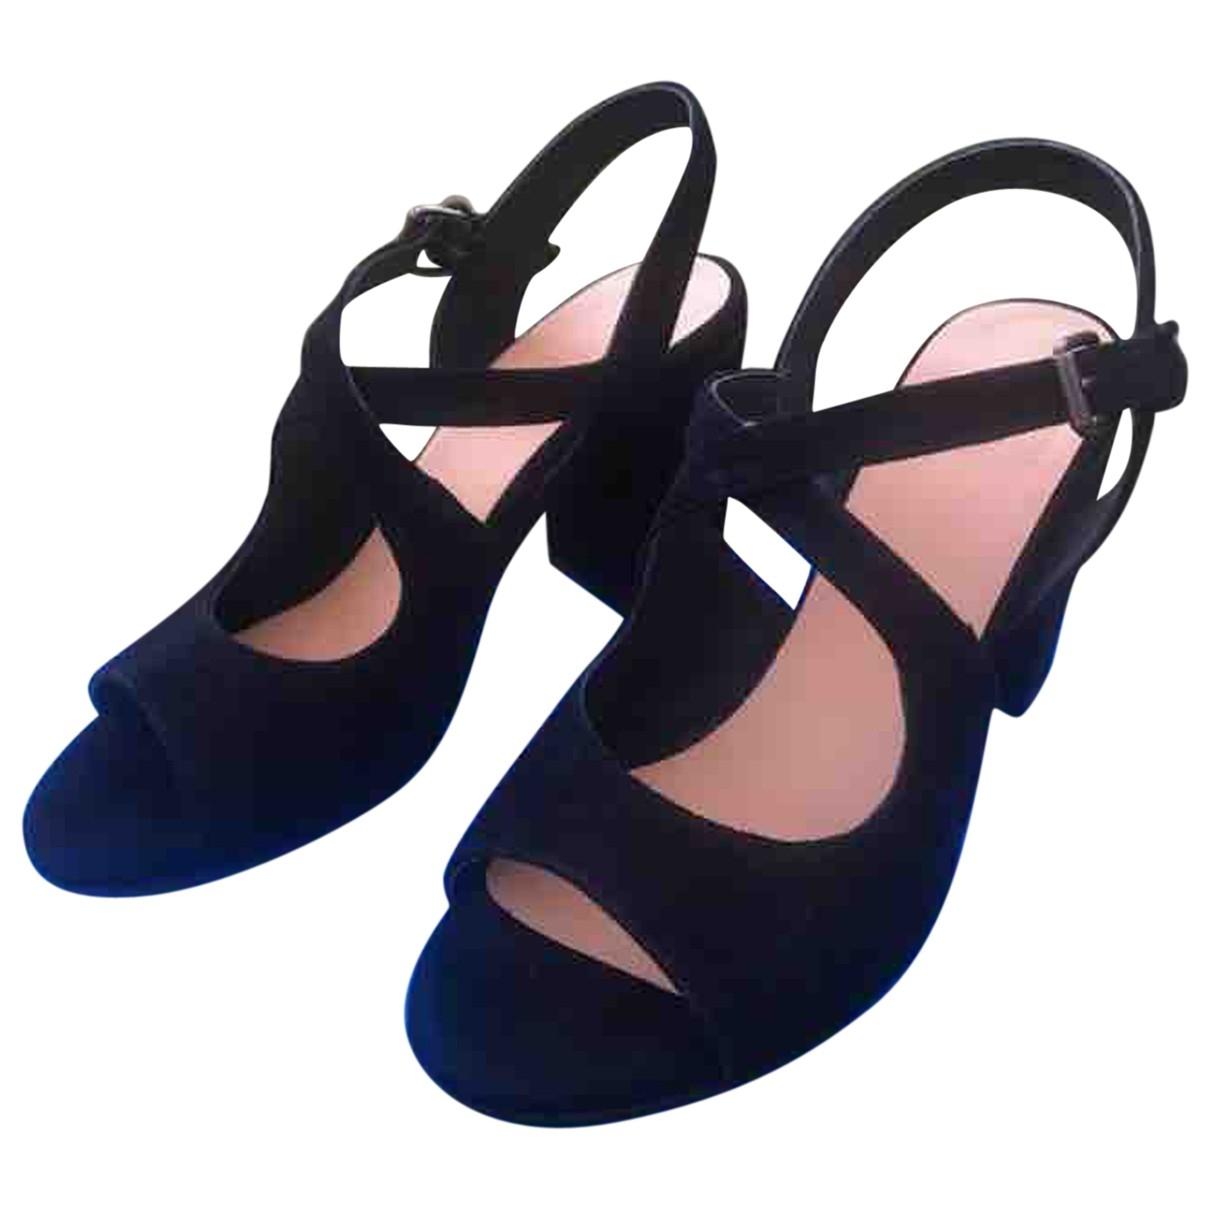 Sandalias de Terciopelo Atelier Voisin